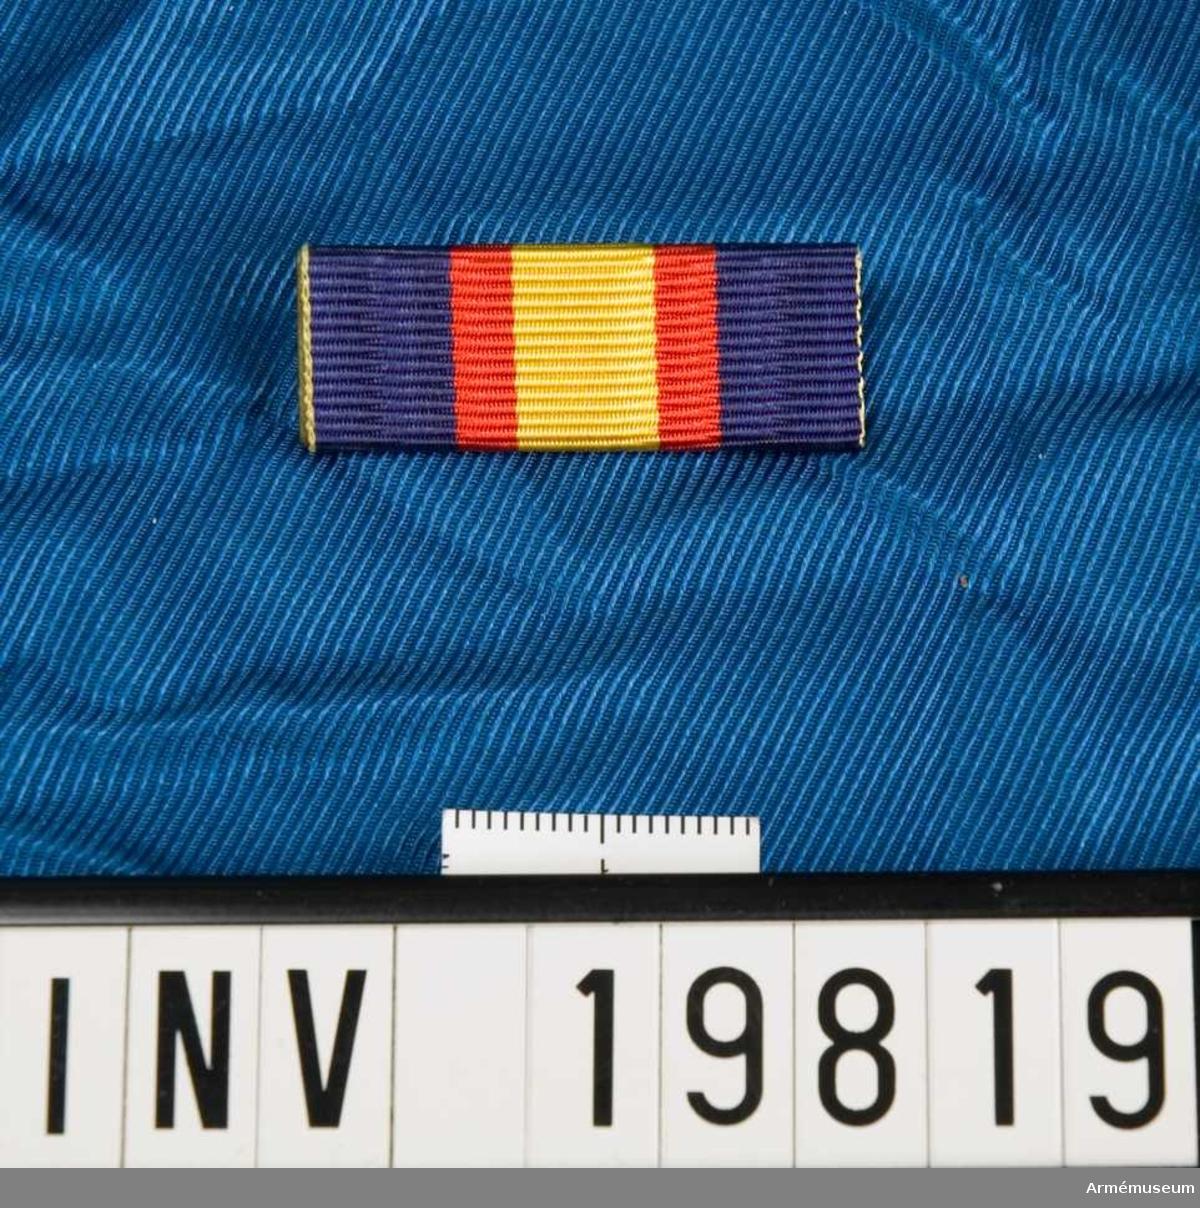 Blått band med en bred gul rand på mitten åtföljd av en röd rand på vardera sidan. Släpspännet förvaras i en ask tillsammans med en medalj och en miniatyrmedalj.